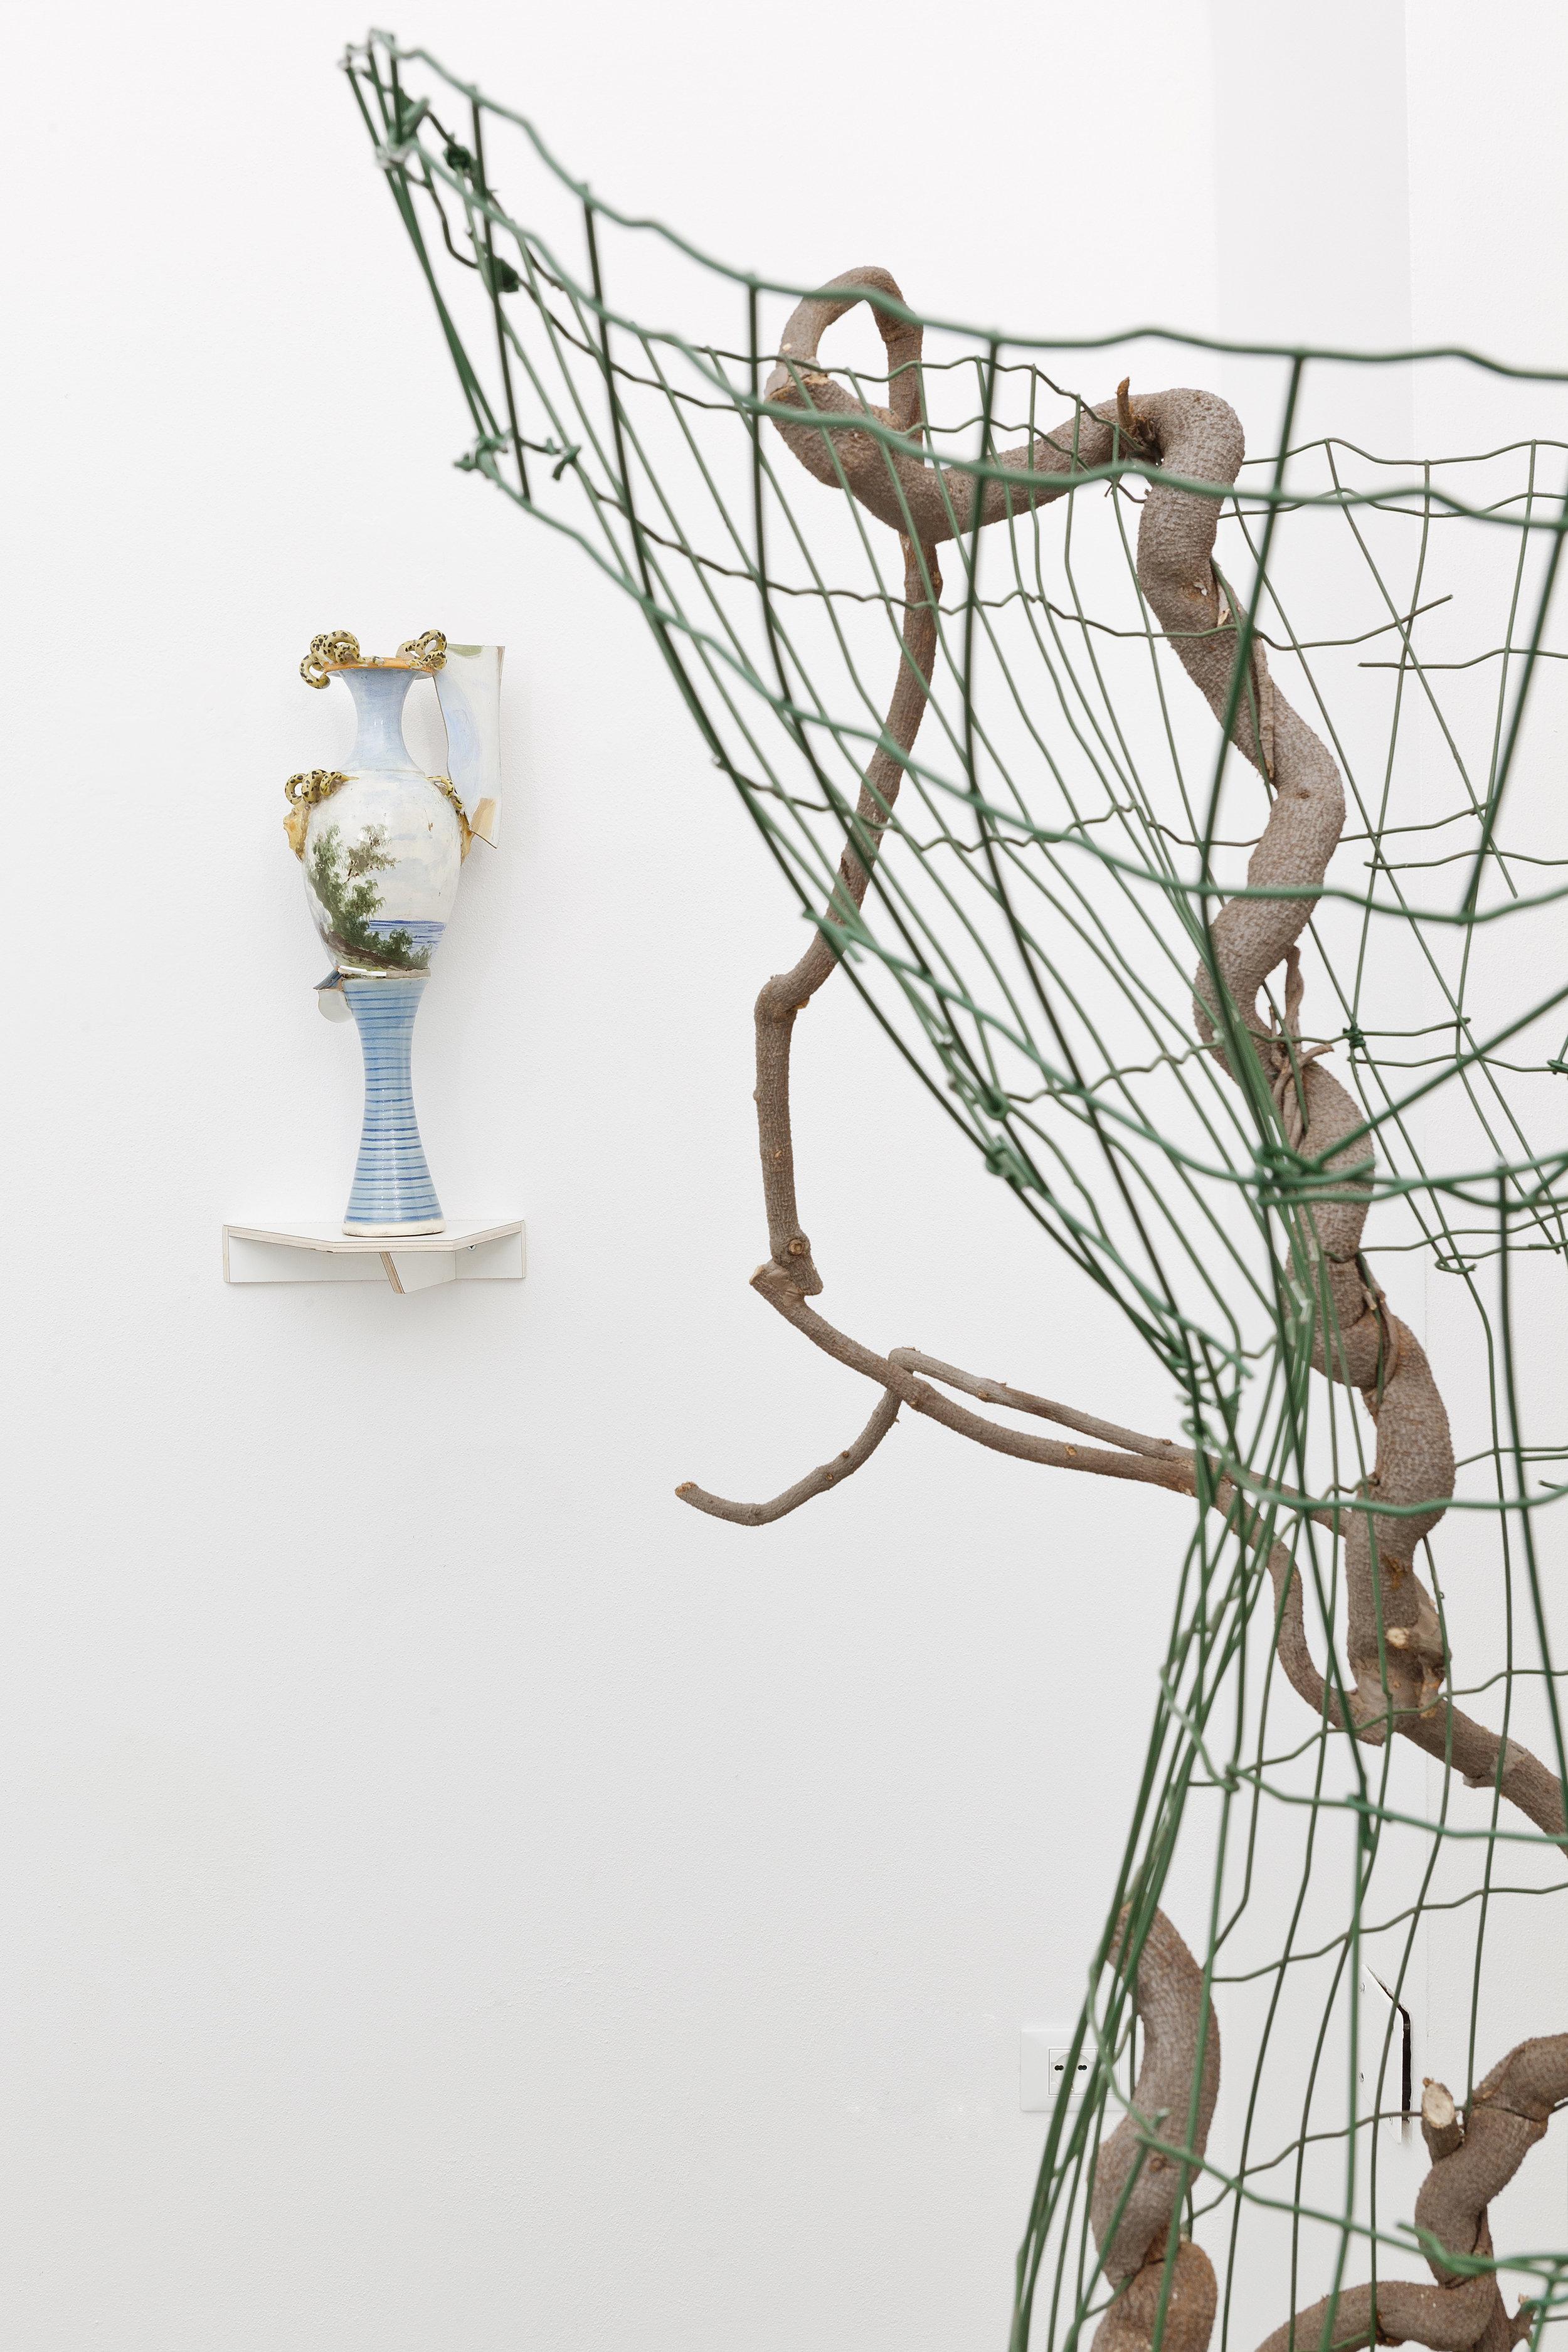 Lei / Wisteria  (dettaglio) 2018 - Rete da recinzione, glicine e pietre - cm 180x97x77. In secondo piano: B. Meoni -  Florencia  2018 - Porcellana - cm 50x20x18